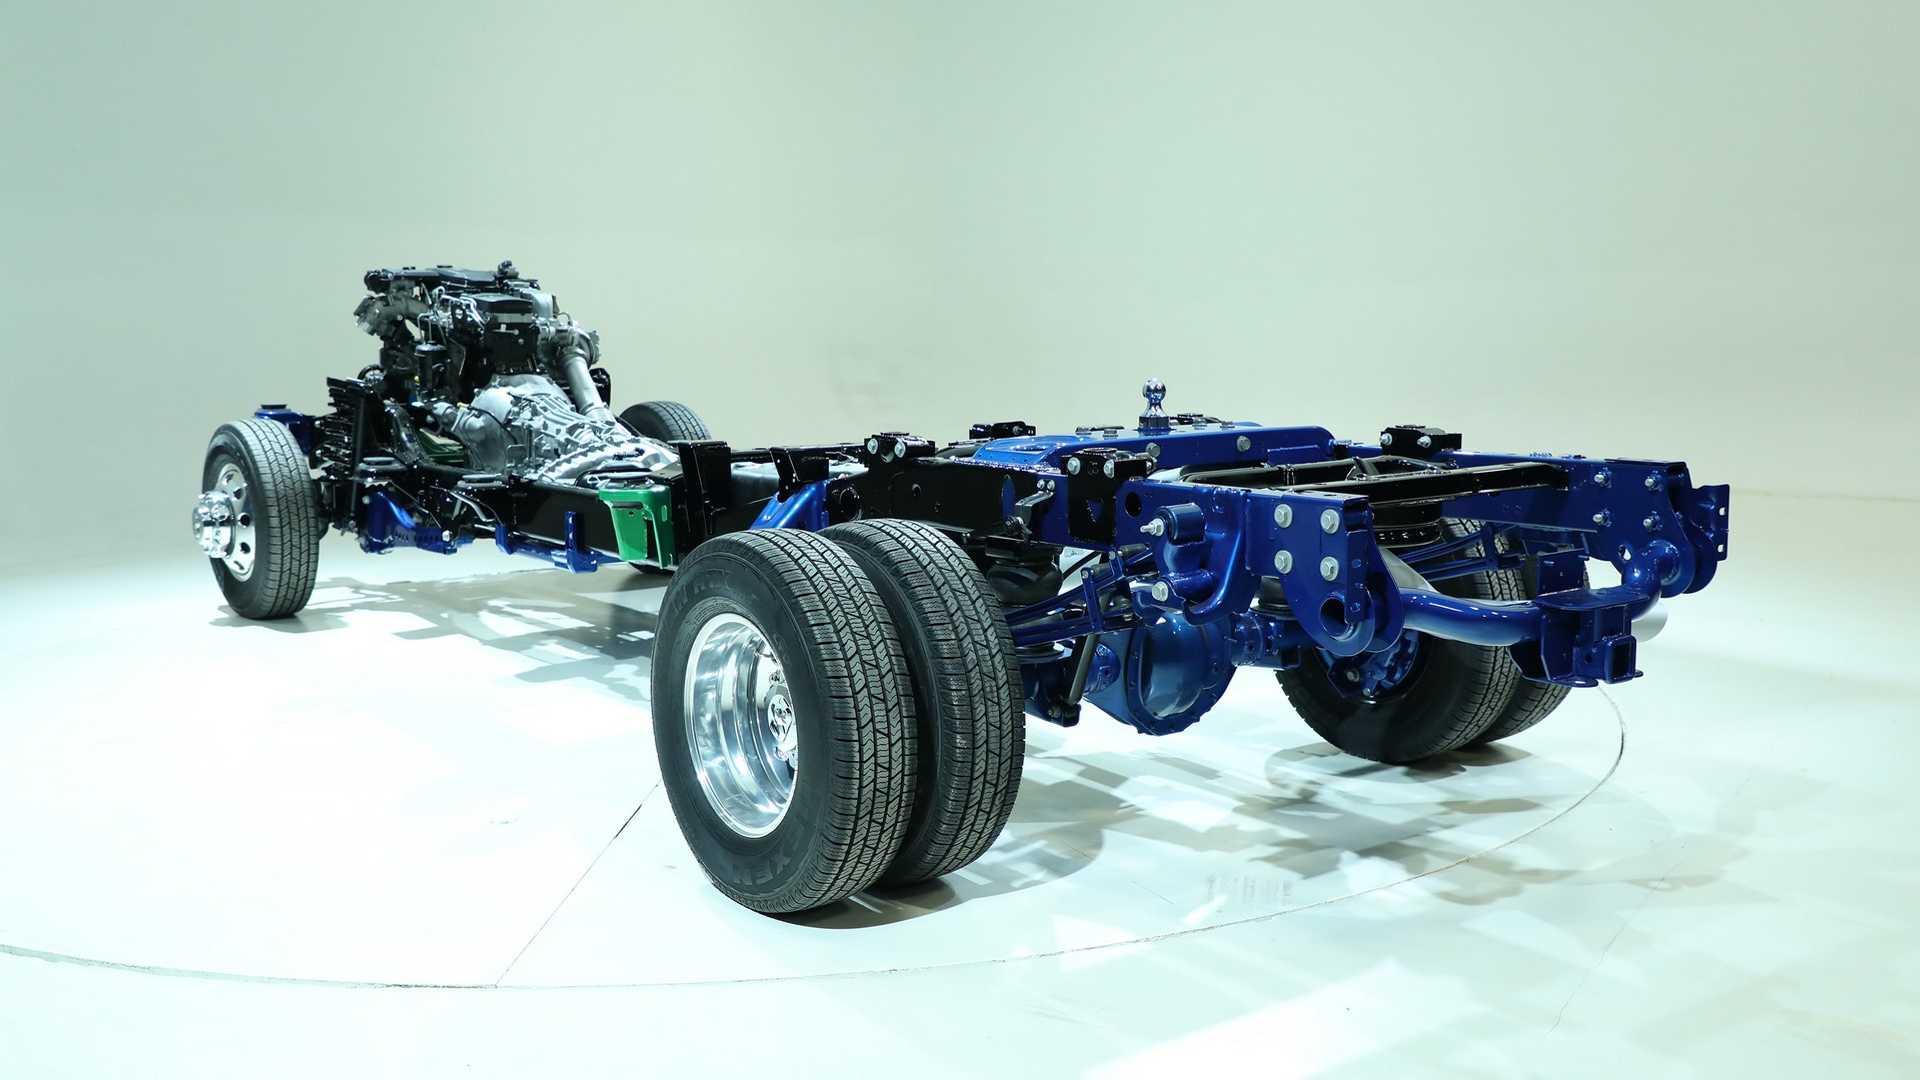 2019-ram-heavy-duty-powertrain-technologies (39)